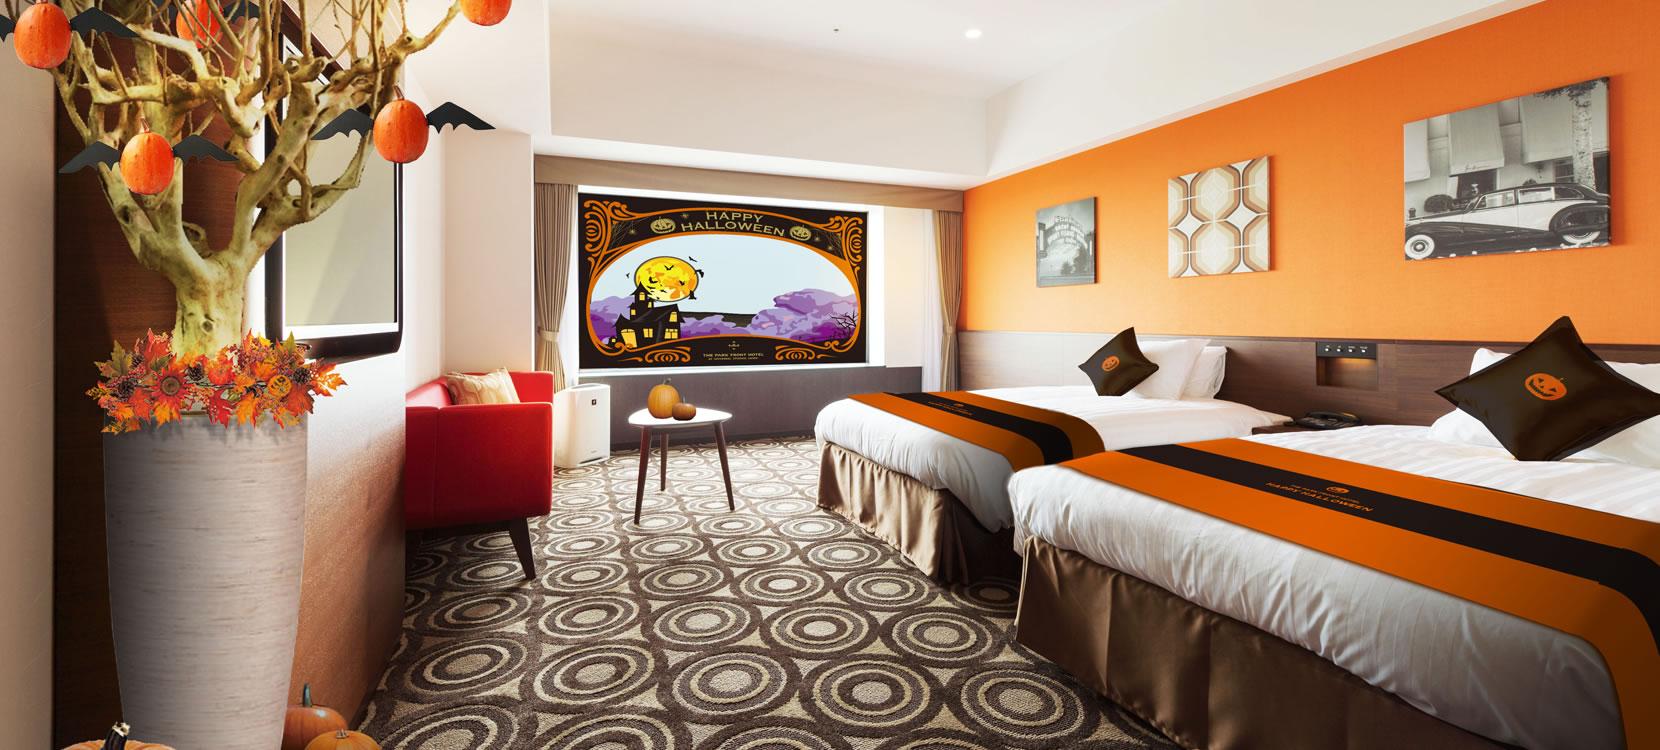 圖片來源:環球影城官方飯店官方網站